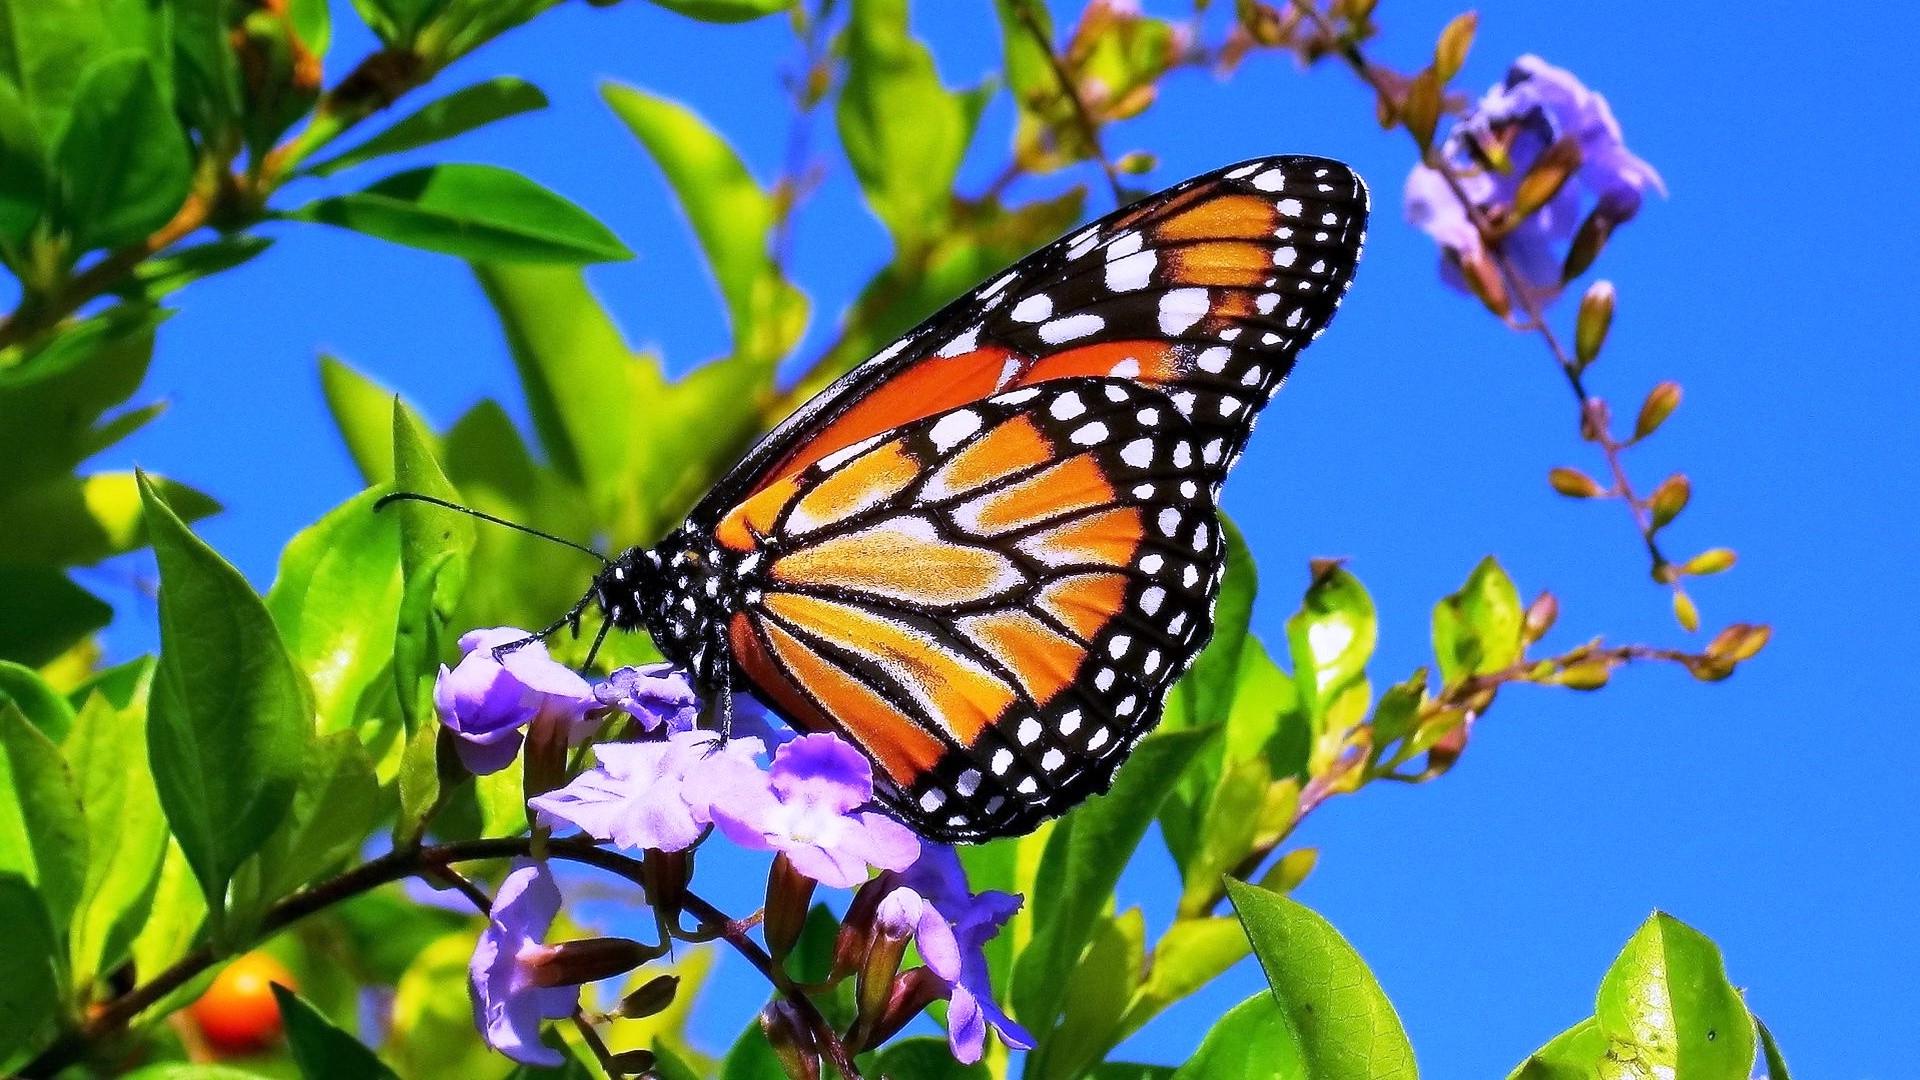 Spring Flower Wallpaper Butterflies 14678 Wallpaper Wallpaper hd 1920x1080